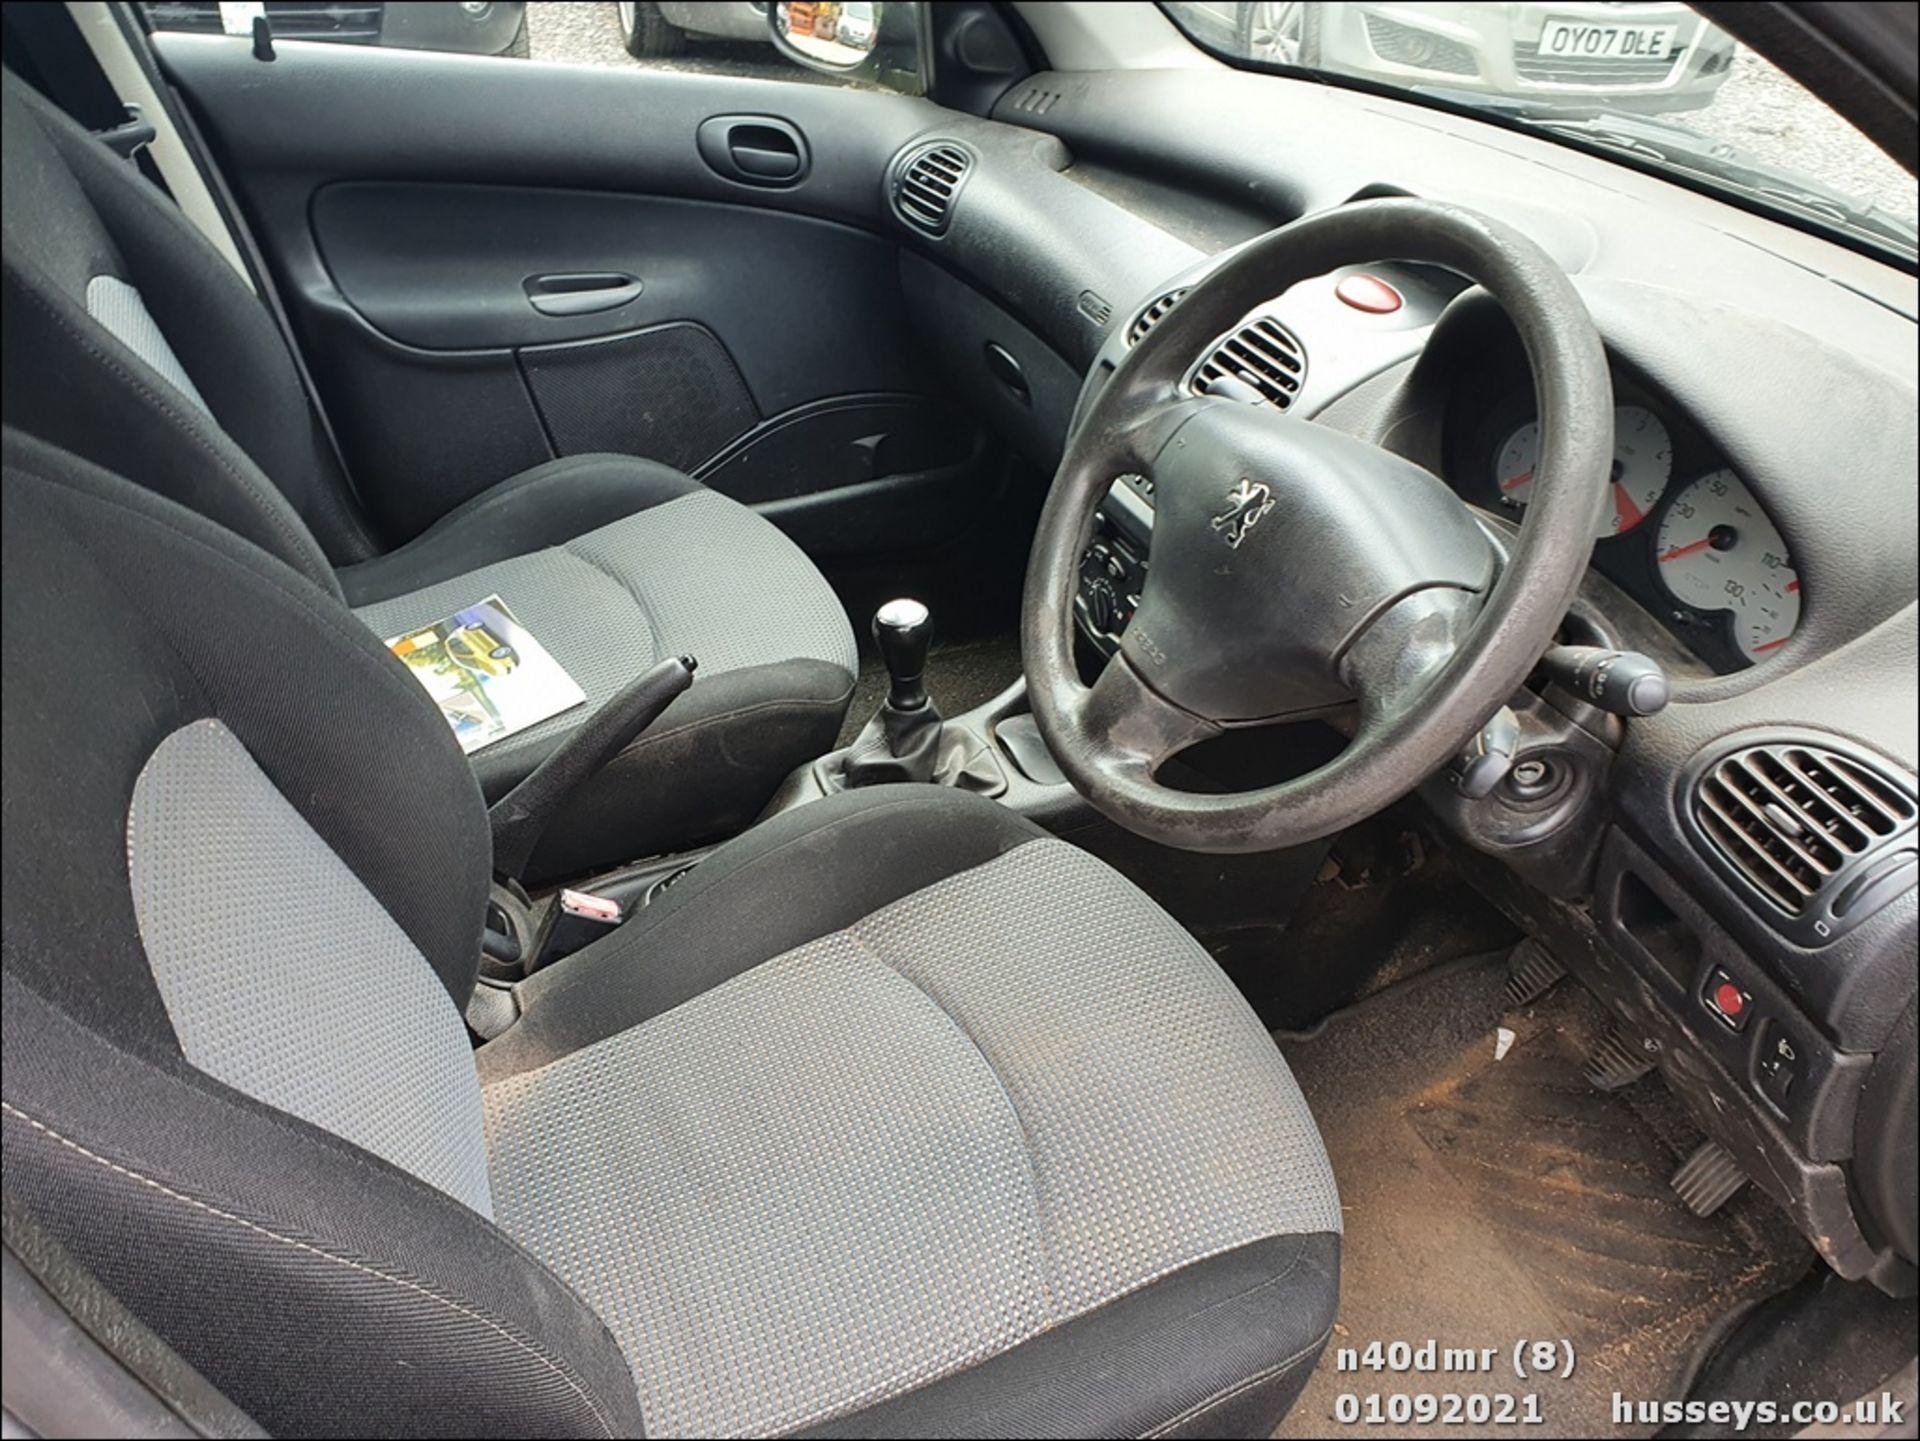 2004 PEUGEOT 206 SW S TD - 1398cc 5dr Estate (Grey, 140k) - Image 16 of 23